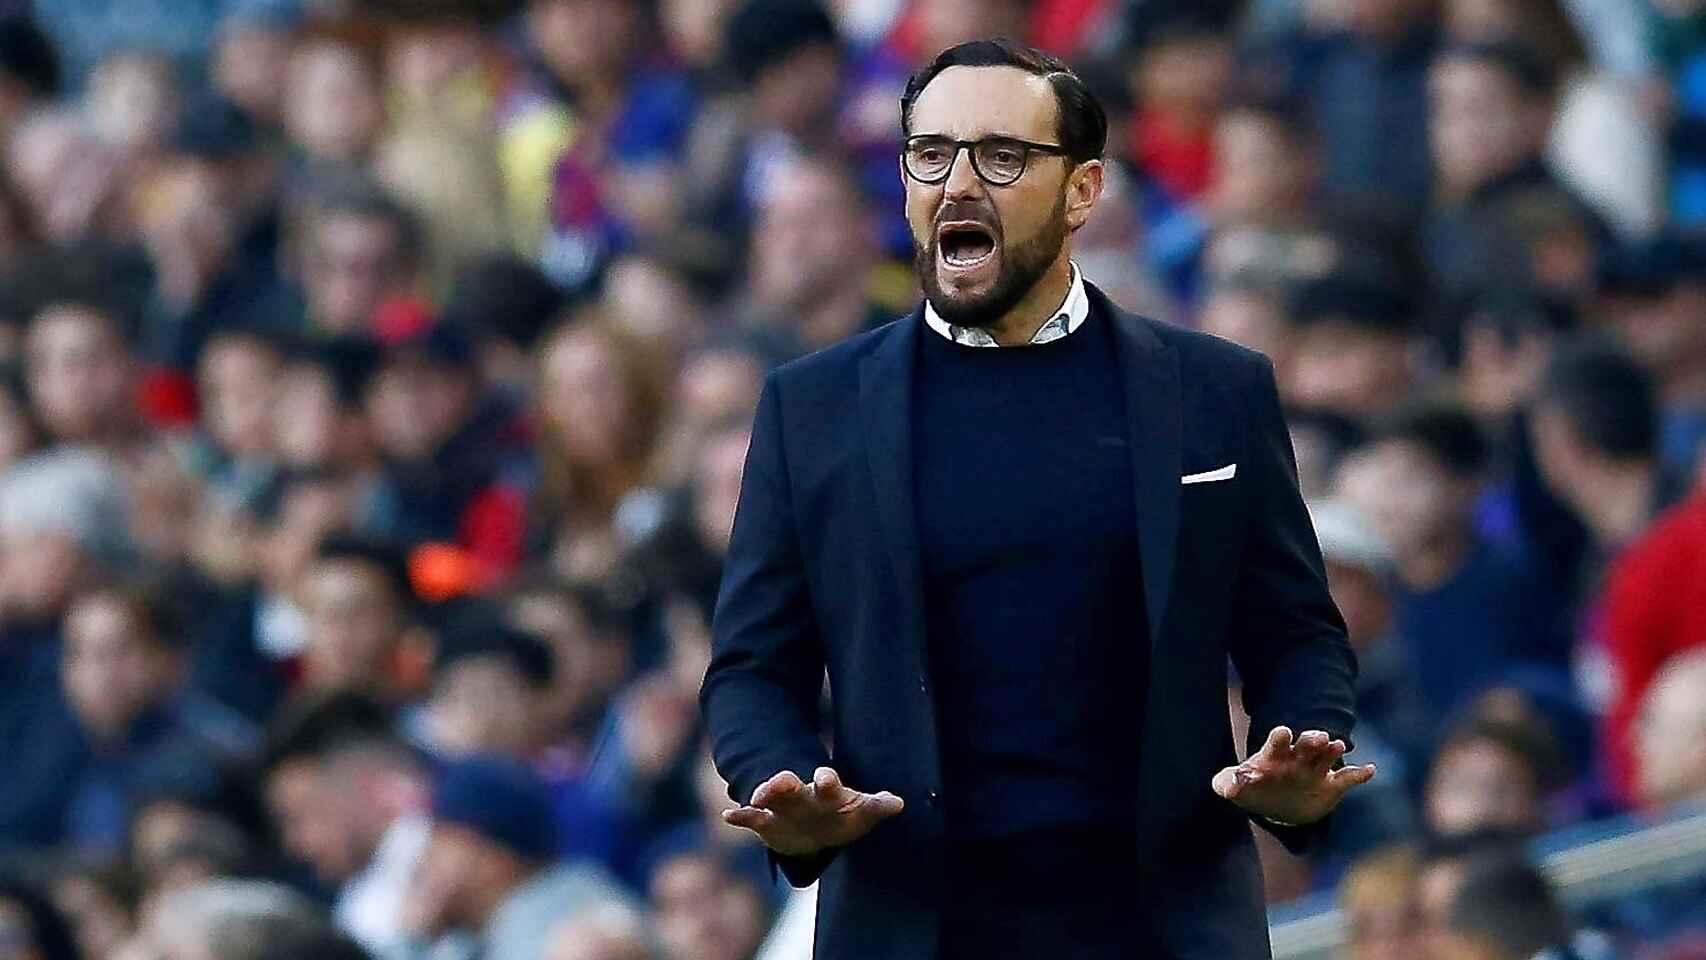 Bordalás se 'declara' a la Roma: «Me encantaría entrenar allí, sería un sueño»